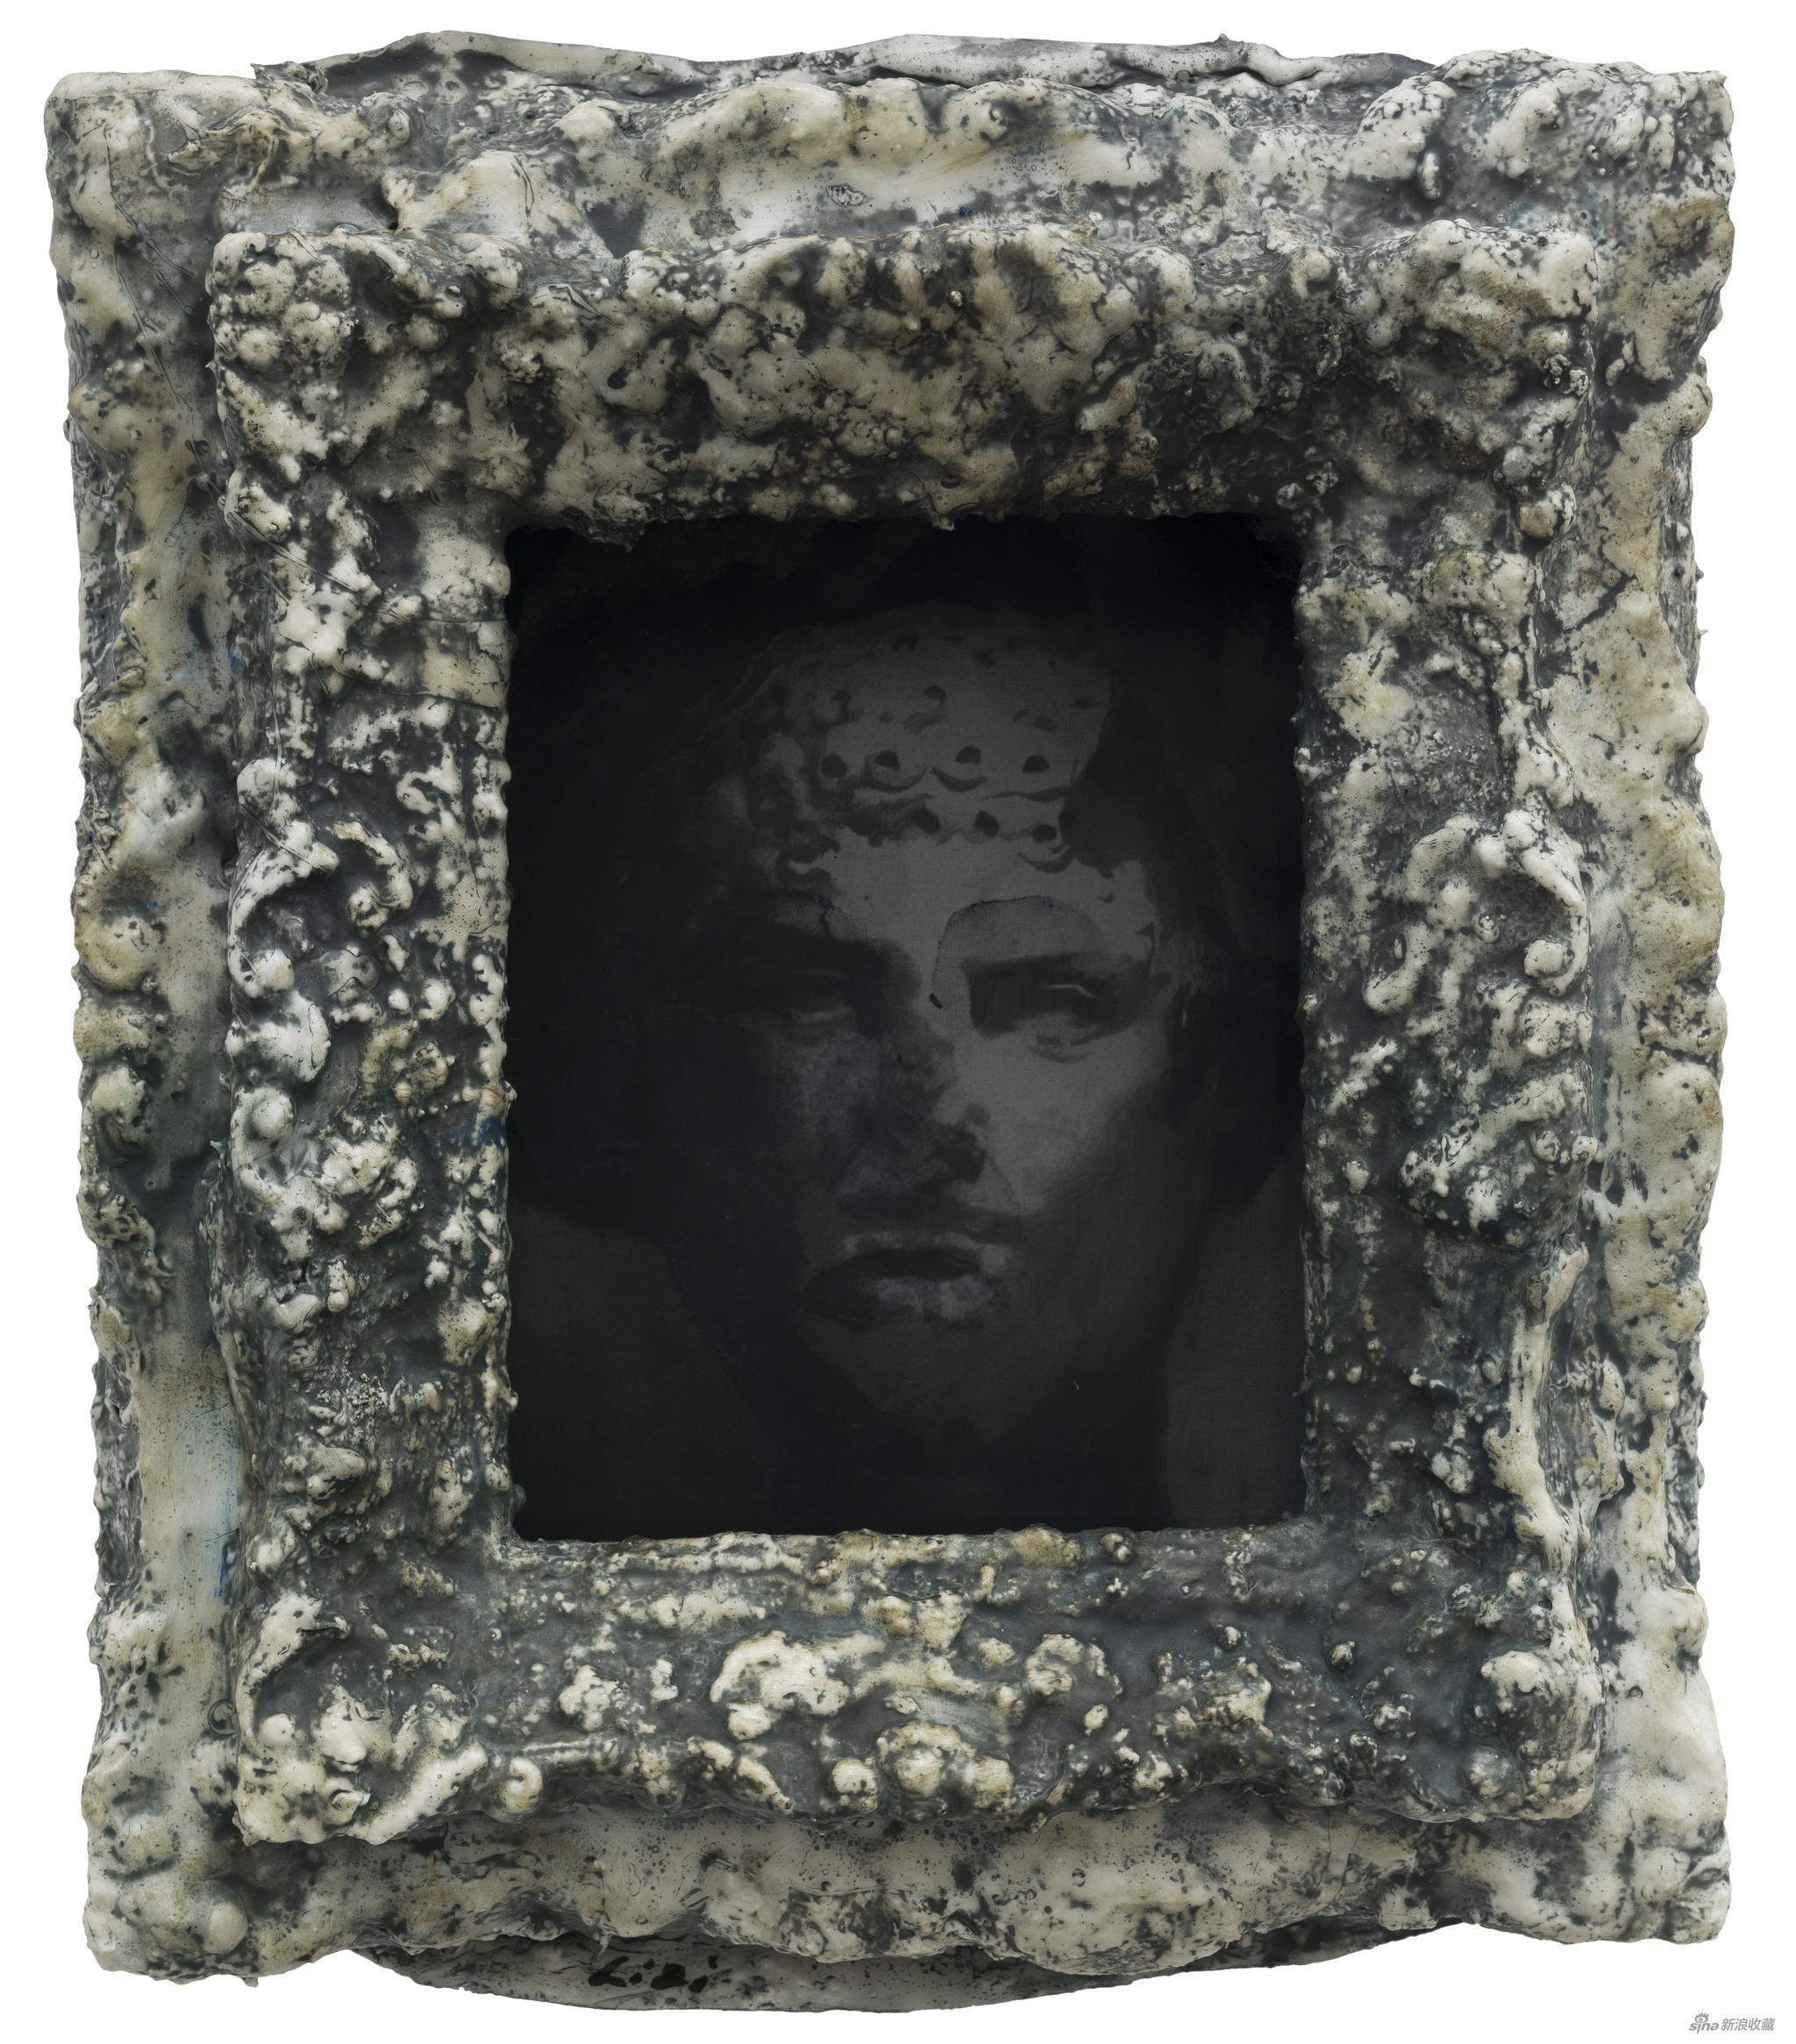 幻影 綜合材料、絲綢 48 x 39 x 14 cm 2017